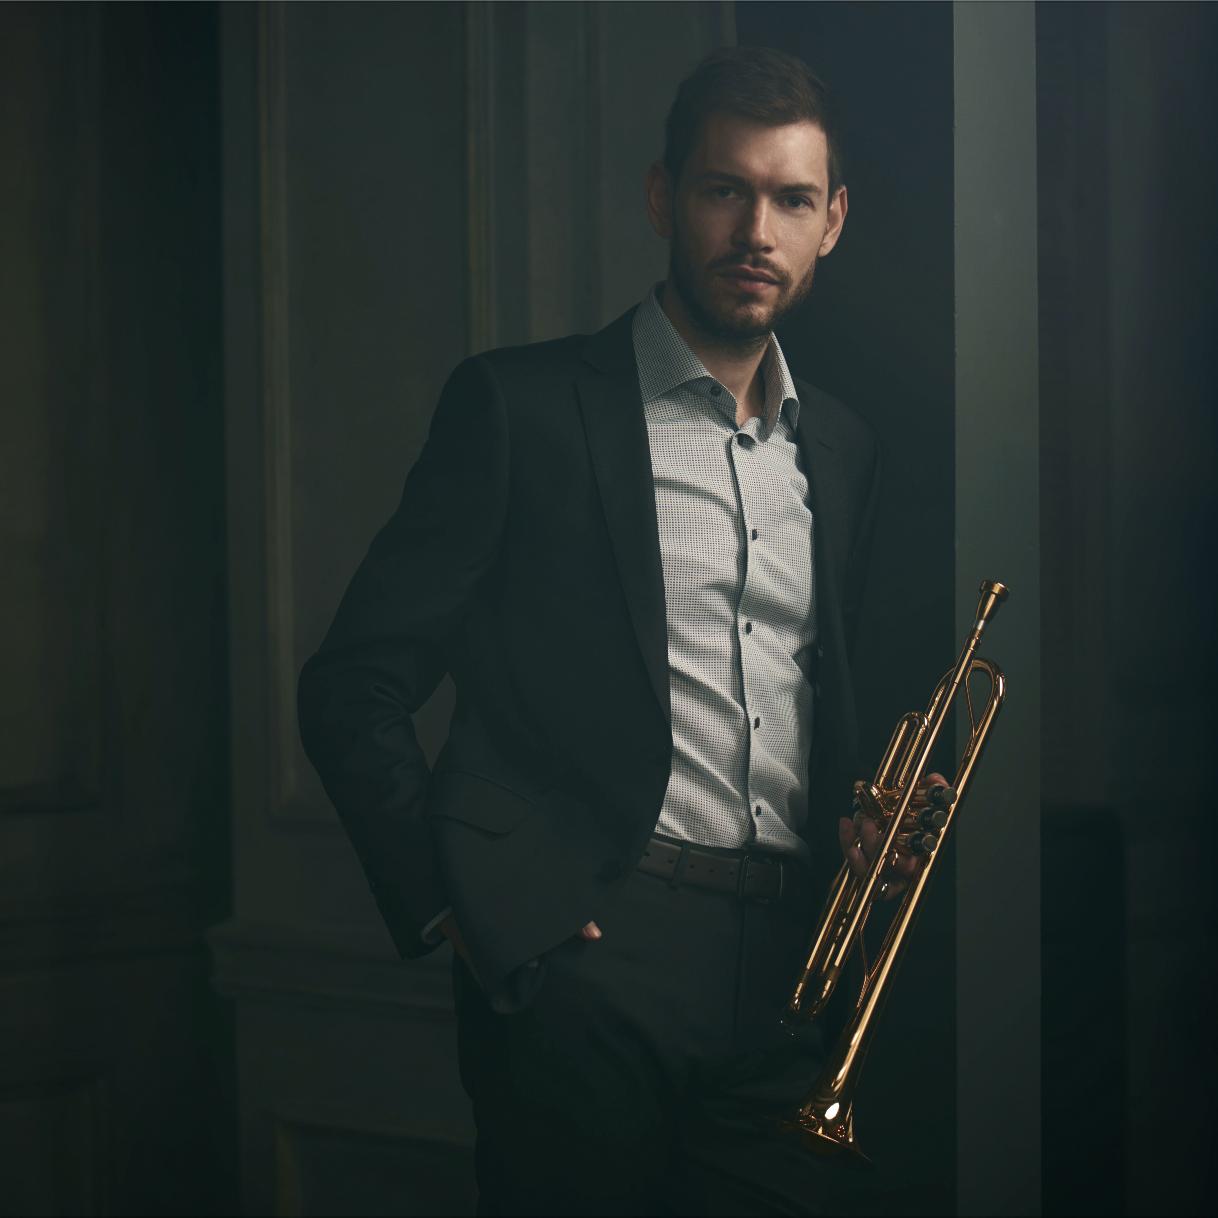 уроки трубы и музыки. Семён Маркевич